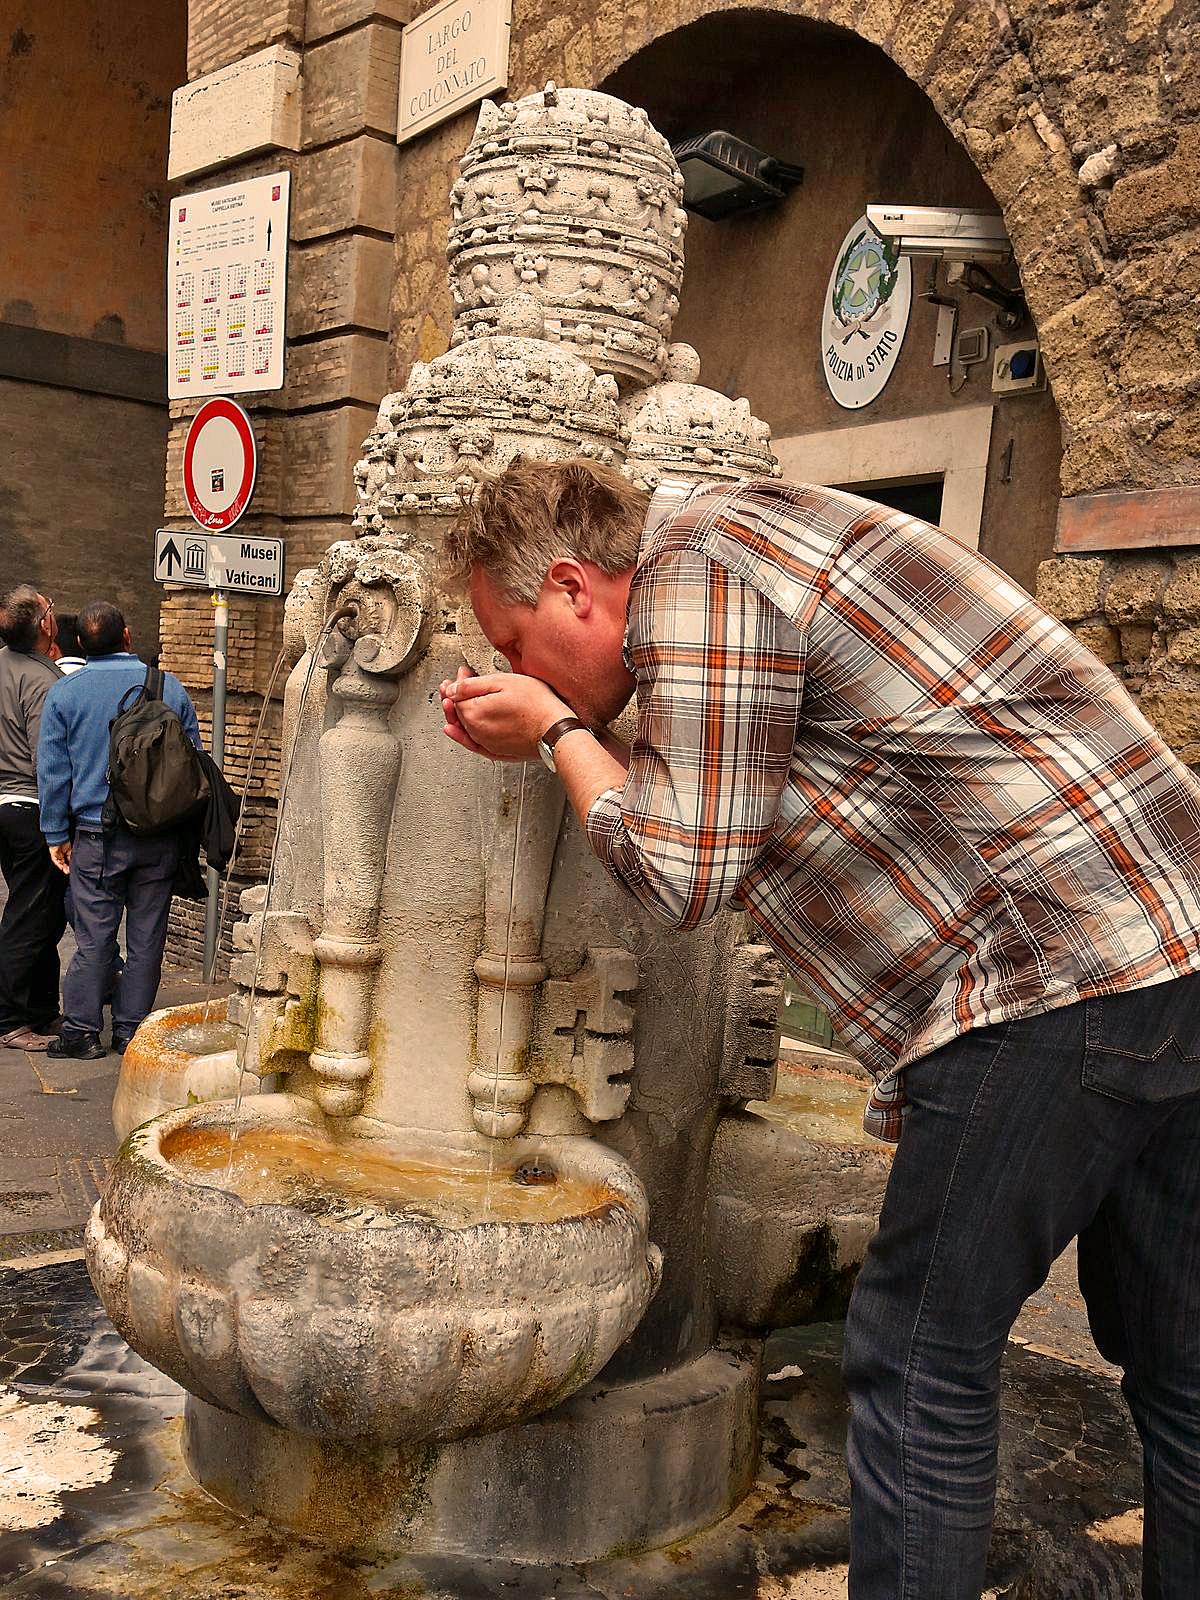 italienisches Wasser trinken Teil 2